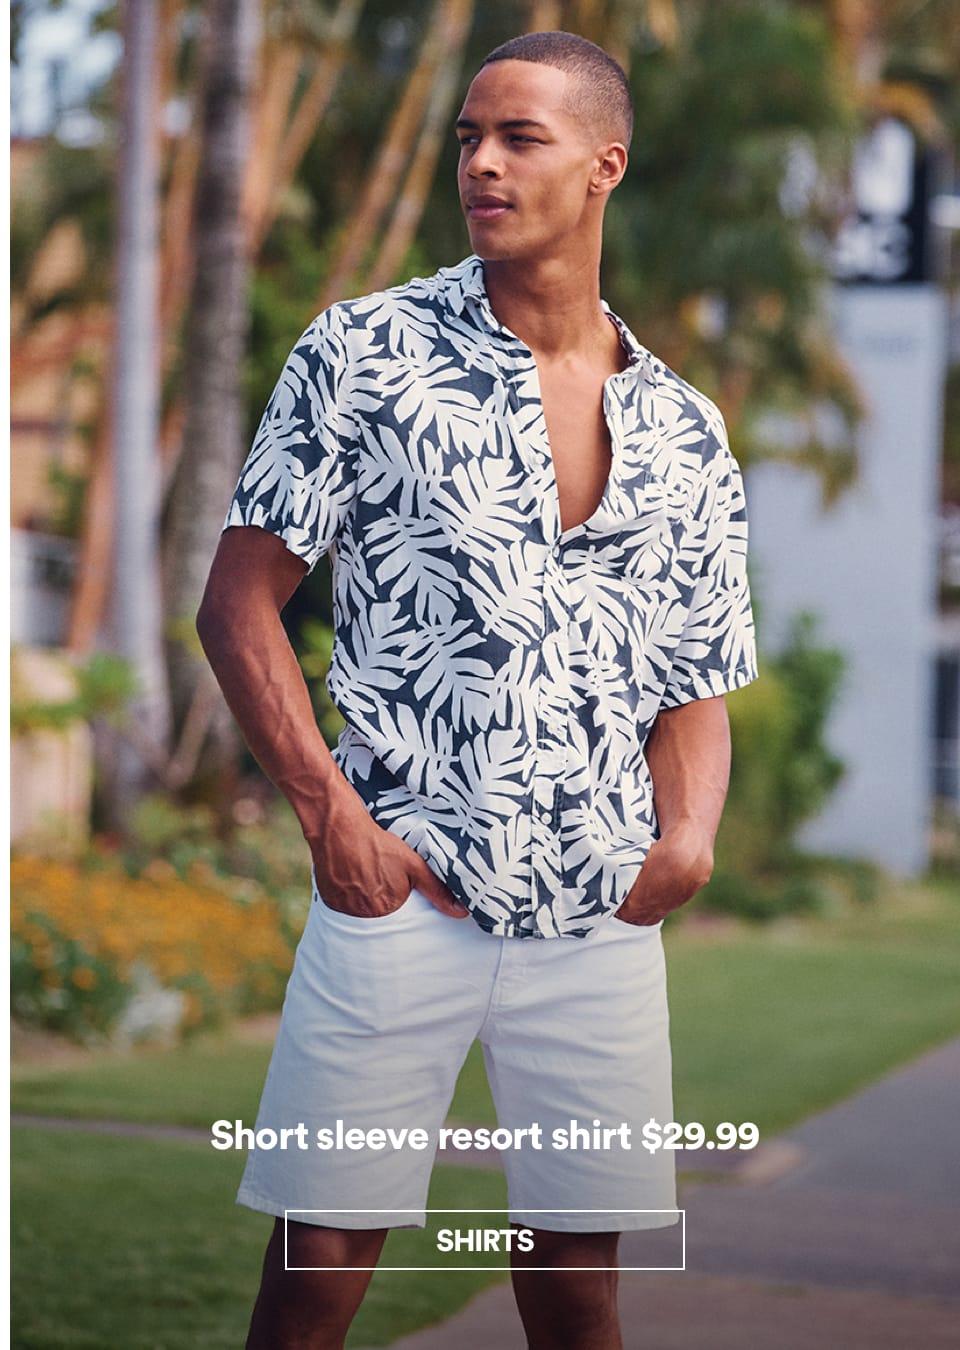 Men's Resort Shirt. Click to shop